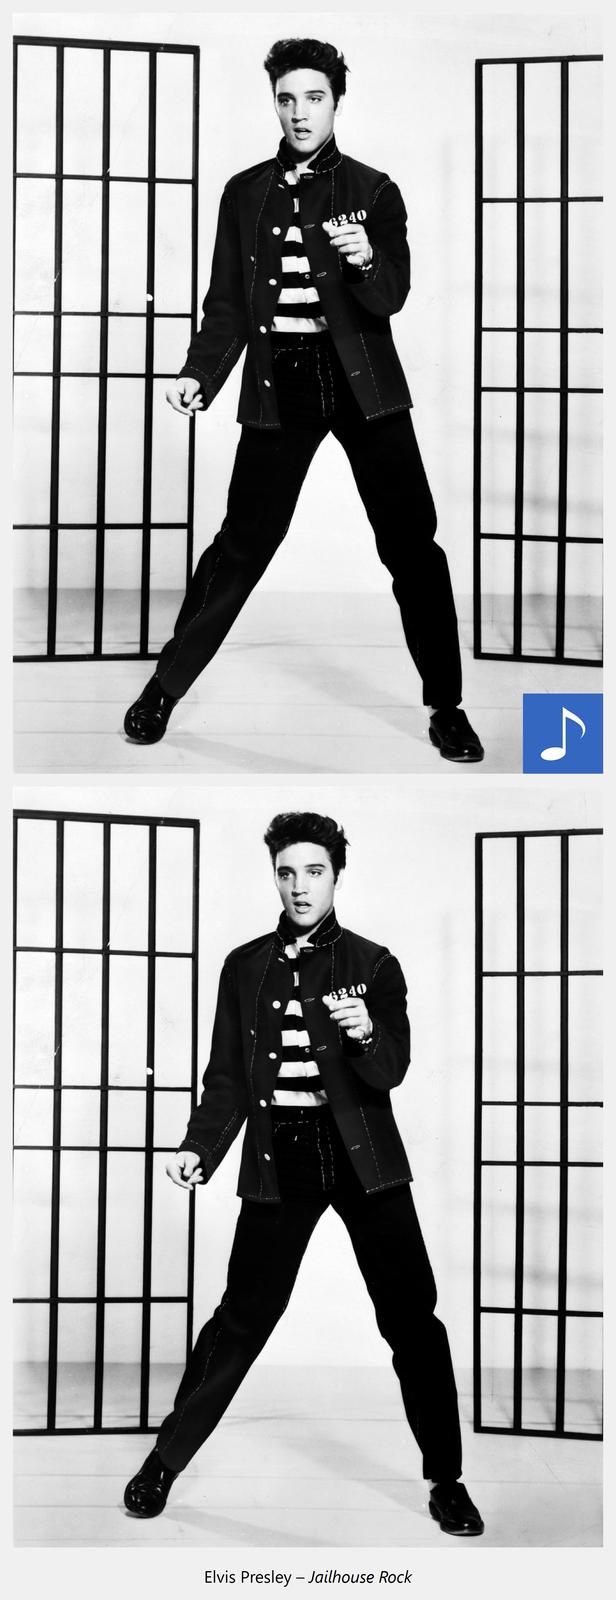 Ilustracja interaktywna przedstawia młodego mężczyznę wciemnym garniturze ibiałej koszuli wczarne paski, stoi na szeroko rozstawionych nogach. Po kliknięciu kursorem myszki zostaje wyświetlona dodatkowa informacja iodtworzony utwór muzyczny. Dodatkowa informacja: Elvis Presley Jailhouse Rock.